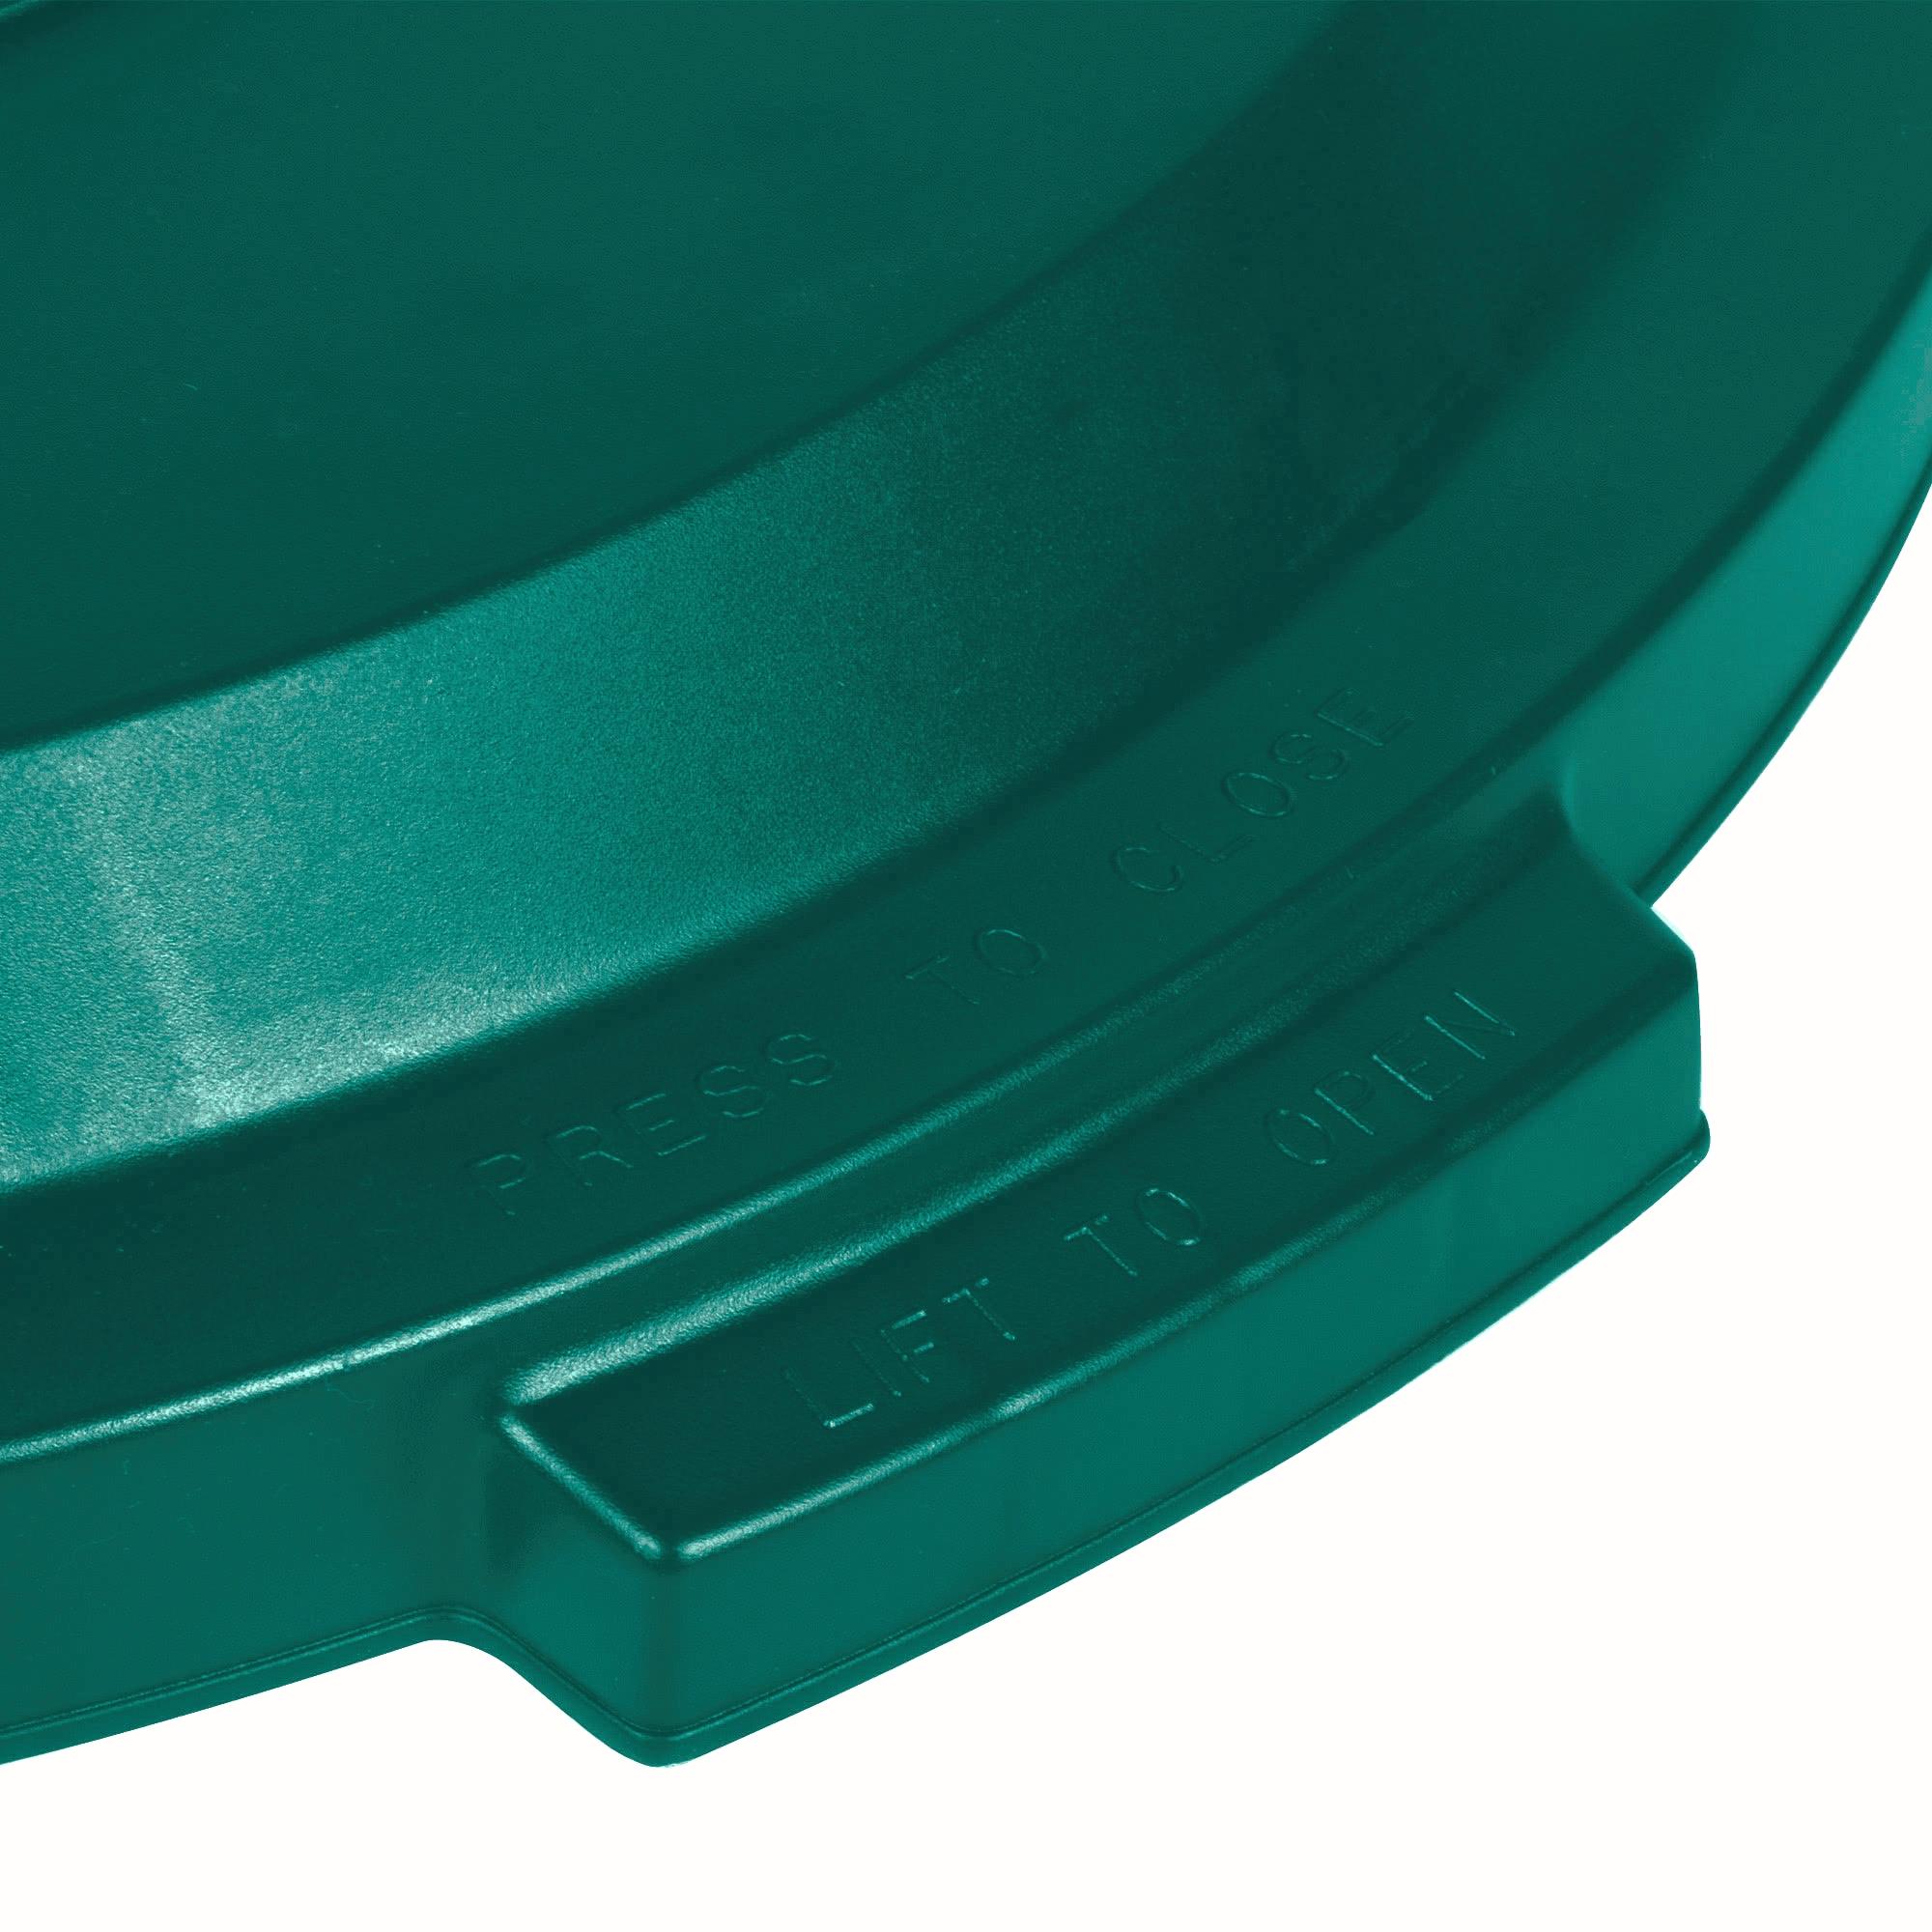 Rubbermaid 1788471 tapa Brute color verde para reciclaje mixto, aplica contenedor Brute de 32 galones 3